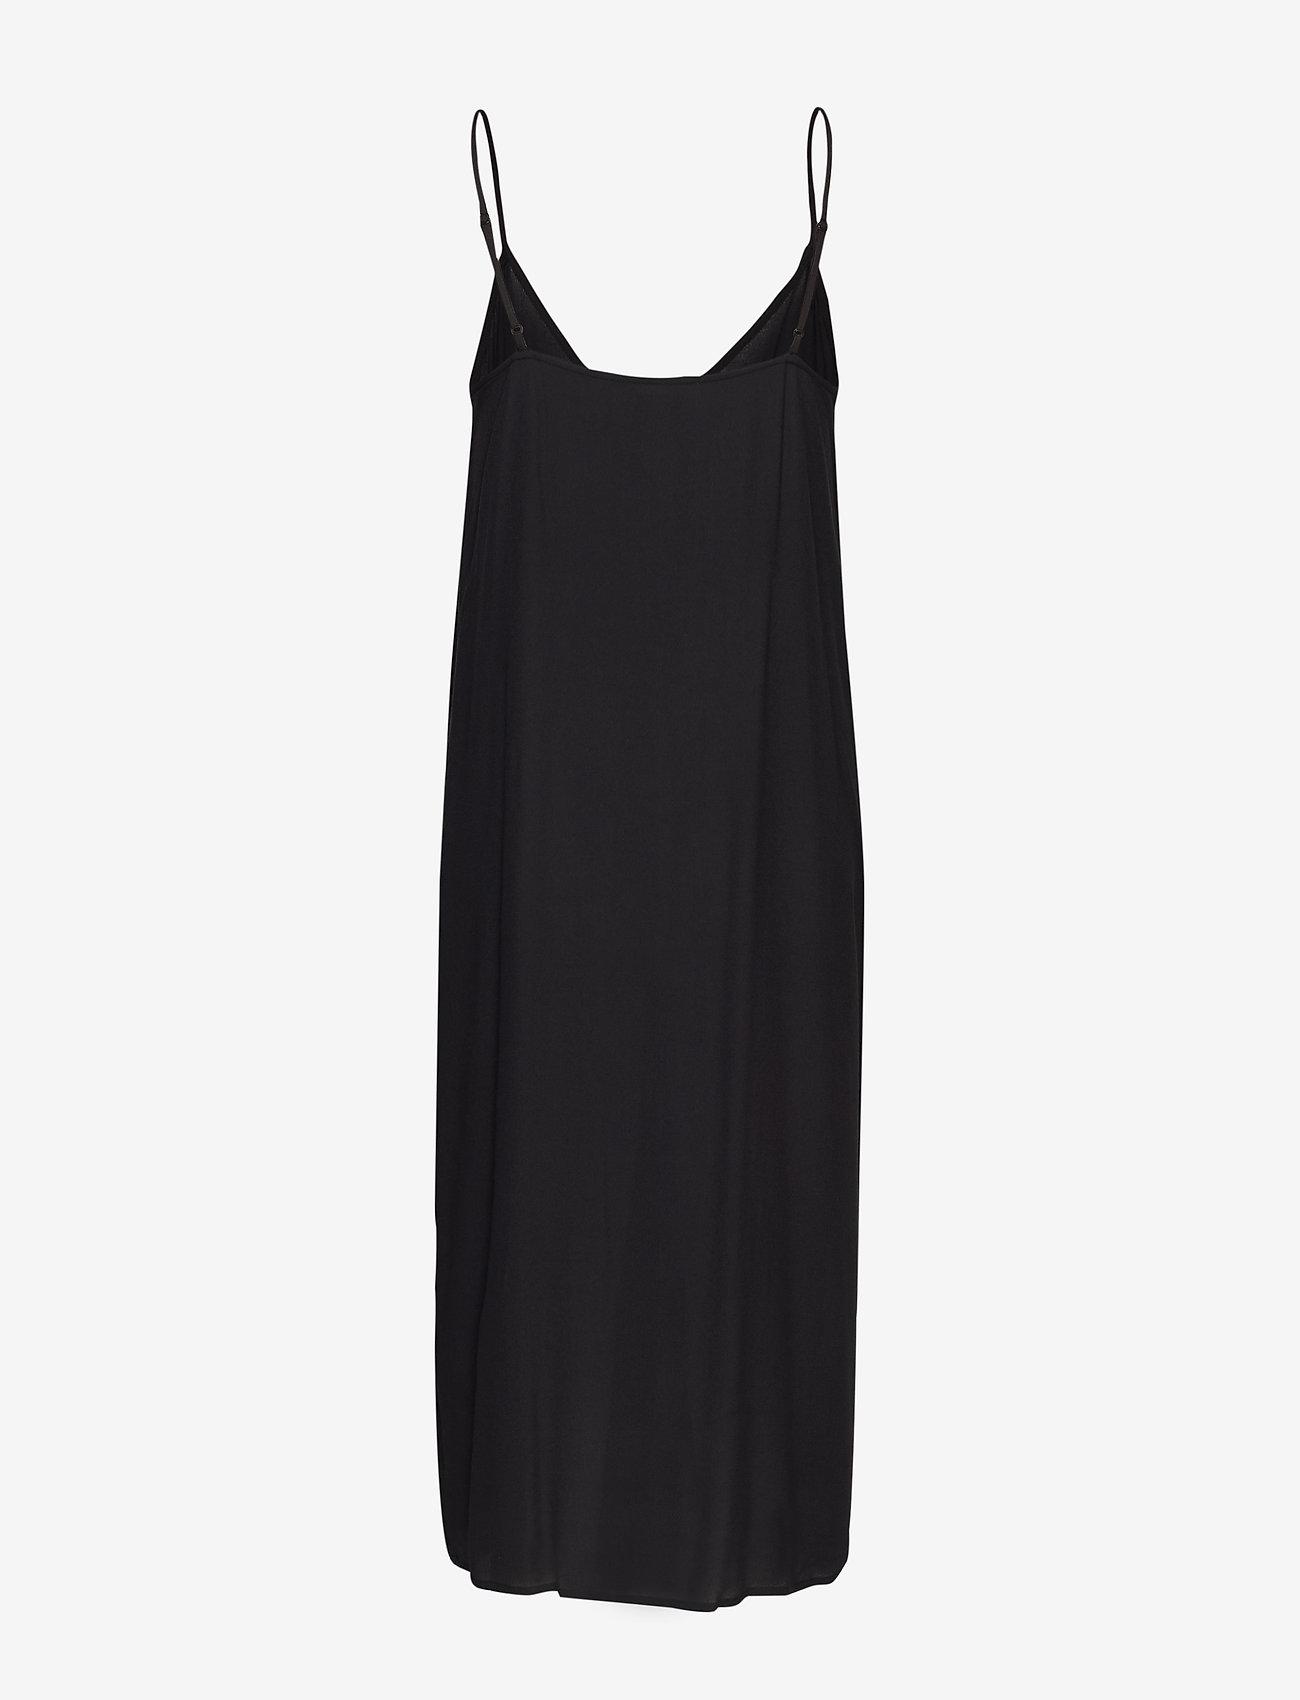 Dorie (Black) (180 €) - By Malene Birger KHtU9